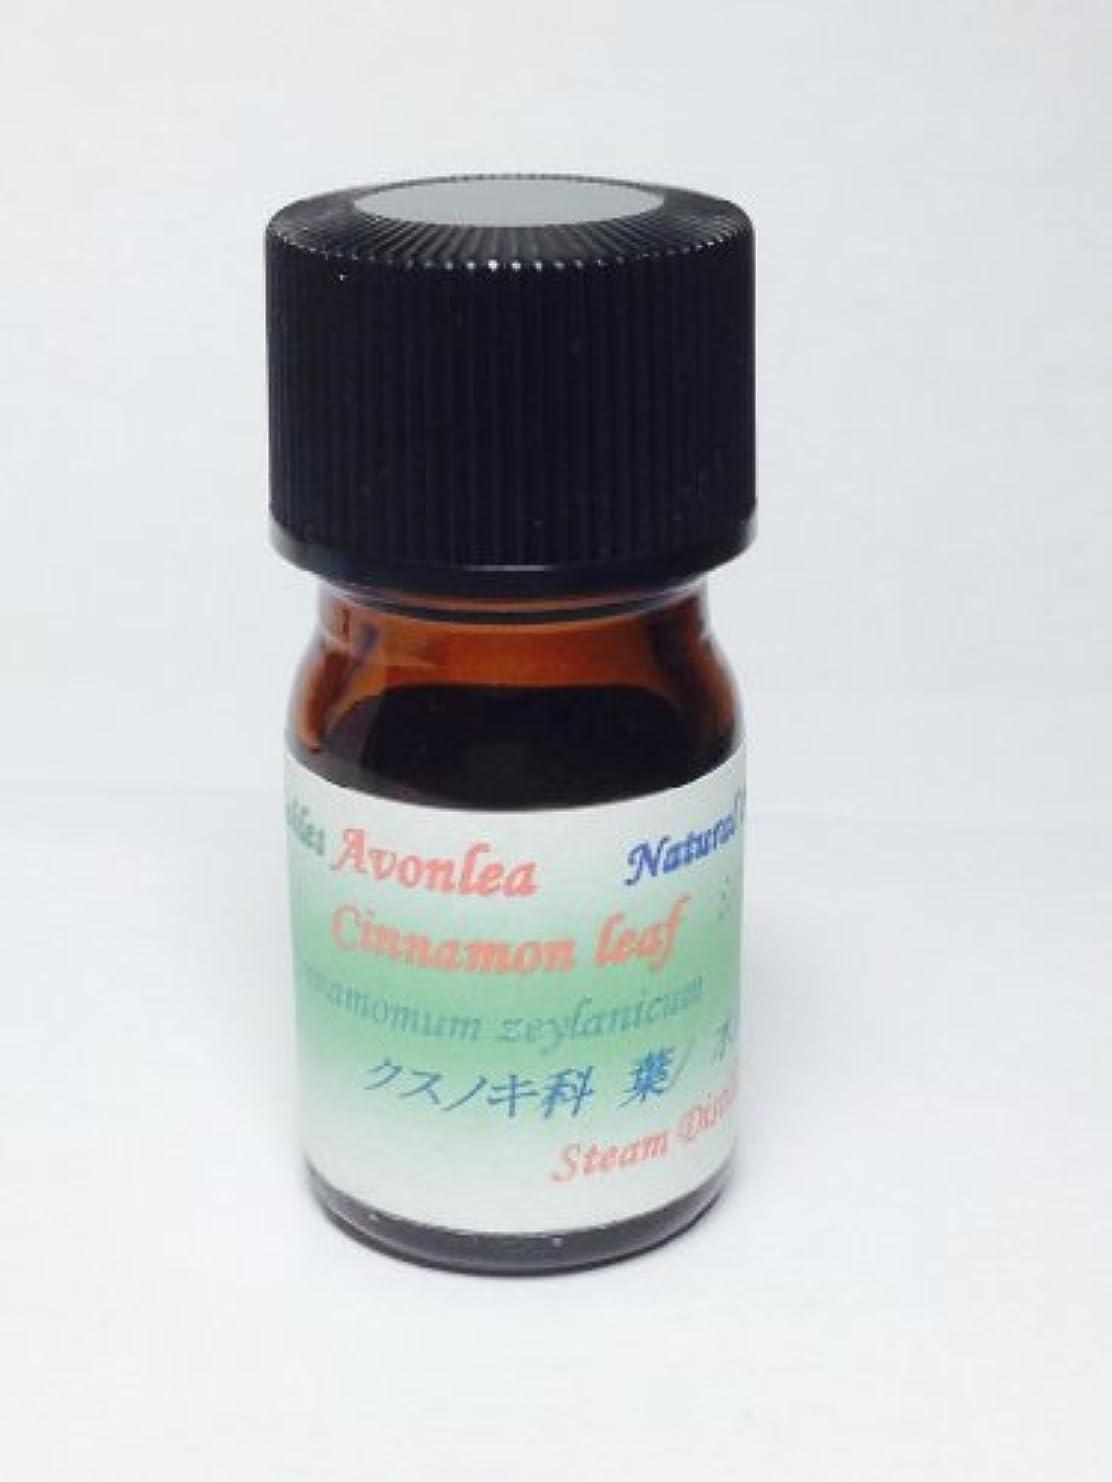 直接ゆるくディプロマシナモンリーフ 5ml 100% ピュア エッセンシャルオイル 天然精油